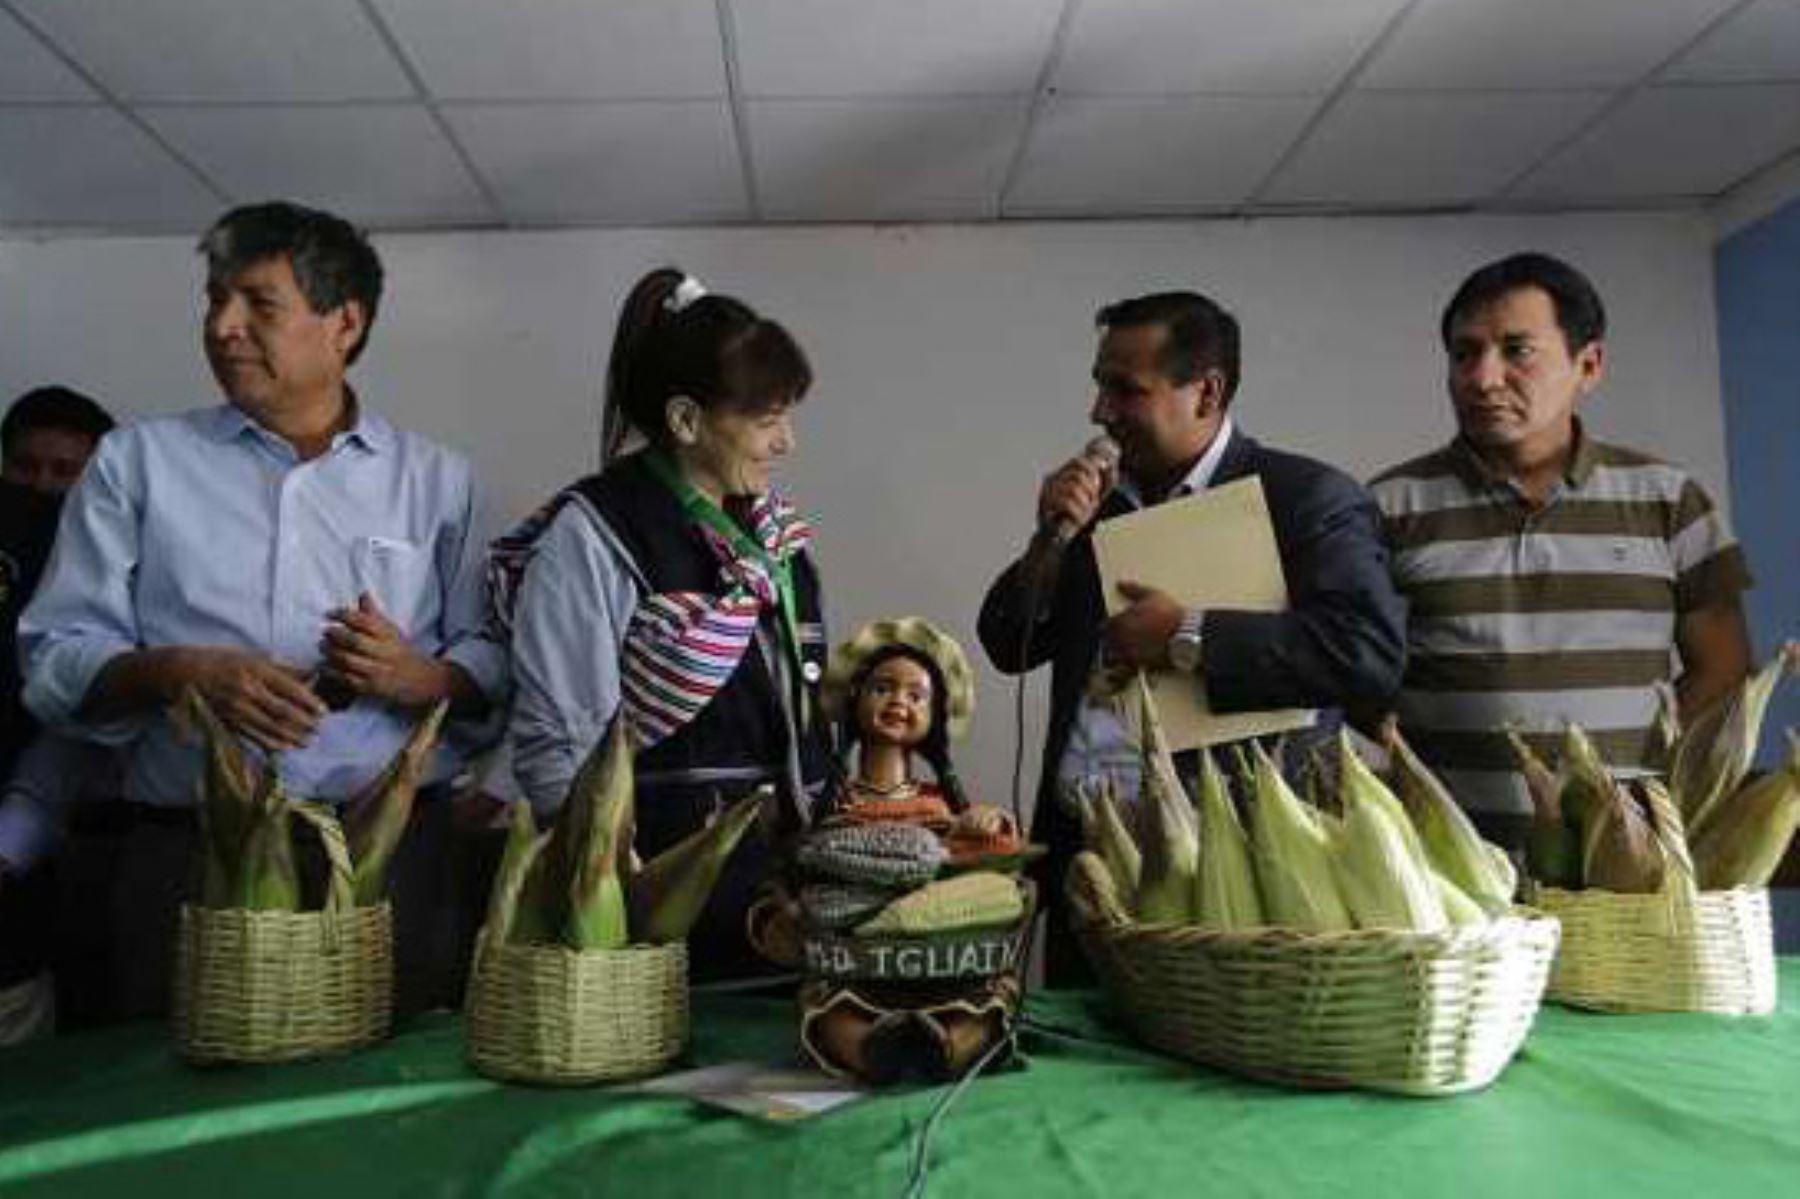 El trabajo comprometido de las autoridades del distrito de Iguaín, en la provincia de Huanta, en Ayacucho, ha permitido reducir la anemia de 65% a 12% en tres años, convirtiéndose en imagen y ejemplo para el país en la lucha contra este flagelo, destacó la ministra de Salud, Silvia Pessah, durante su visita a esta localidad.